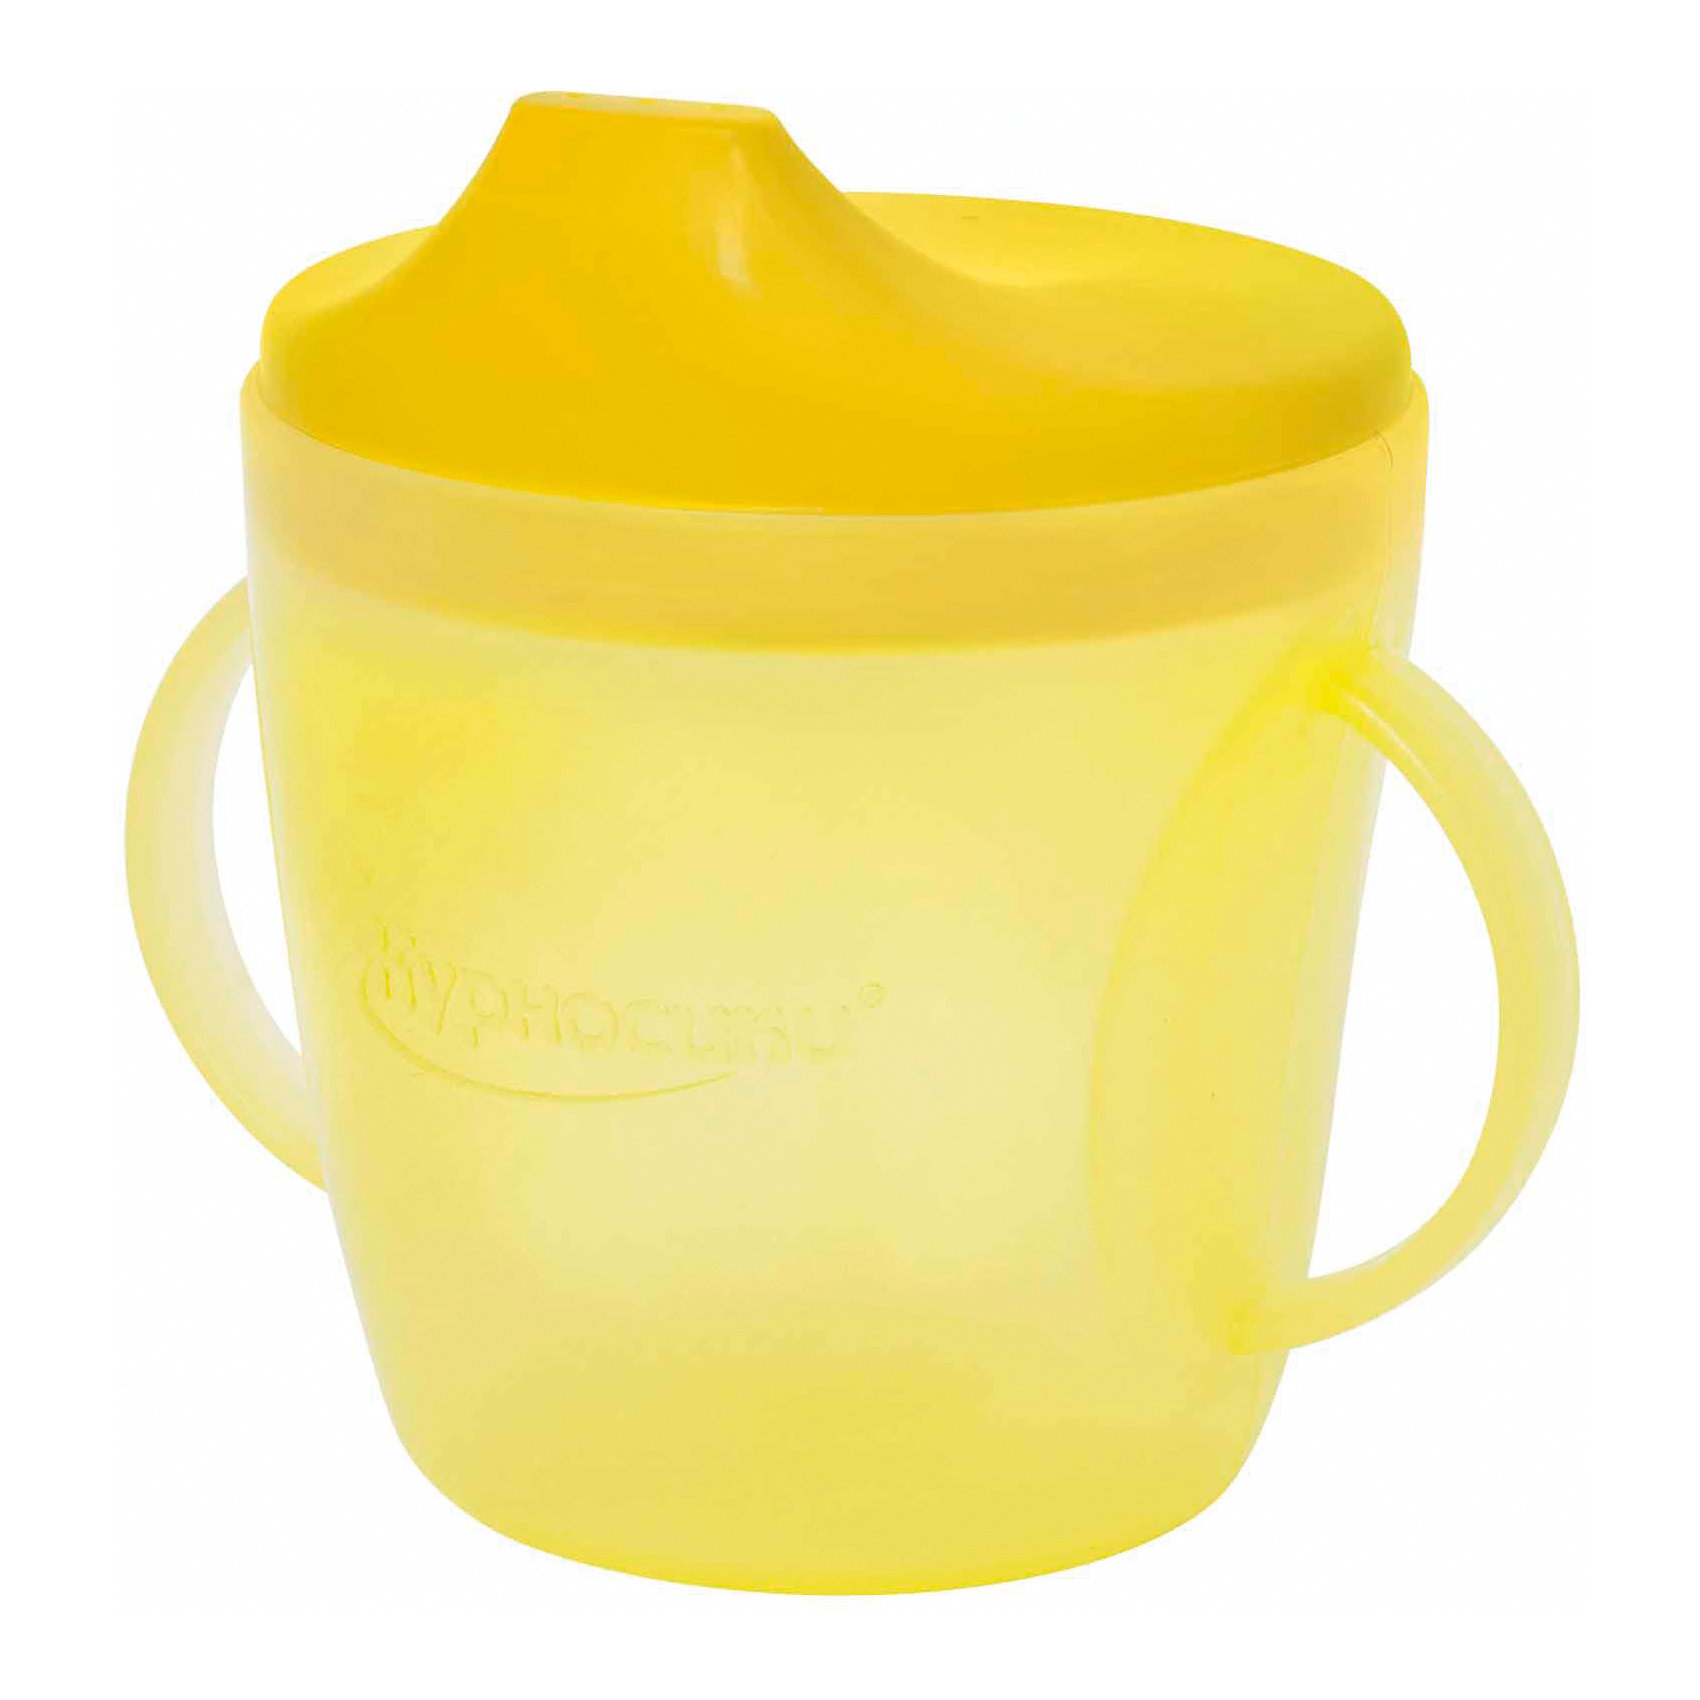 Поильник с ручками, 200мл, Kurnosiki, желтыйПоильники<br>Характеристики:<br><br>• Предназначение: для приучения к кружке<br>• Материал: пластик<br>• Пол: для девочки<br>• Цвет: жёлтый<br>• Тематика рисунка: без рисунка<br>• Объем: 200 мл<br>• Тип носика: жесткий<br>• Удобный широкий носик<br>• Съемная крышка<br>• По бокам на поильнике имеются ручки<br>• Можно использовать как для холодных, так и для горячих напитков<br>• Вес: 100 г<br>• Особенности ухода: разрешается мыть в посудомоечной машине<br><br>Поильник с ручками, 200 мл, Kurnosiki, синий изготовлен из безопасного и ударопрочного пластика, устойчивого к появлению царапин и сколов. Форма изделия выполнена с учетом особенностей размера детских ручек, по бокам имеются ручки, поэтому малышу будет удобно его держать самостоятельно. Крышка оснащена твердым широким носиком, который обеспечивает оптимальный поток жидкости. <br><br>Изделие выполнено в ярком дизайне. Без крышки изделие можно использовать в качестве стакана. С поильником с ручками, 200 мл, Kurnosiki, синий ваш малыш легко и быстро научится пить из кружки!<br><br>Поильник прозрачный с ручками, 200 мл, Kurnosiki, синий можно купить в нашем интернет-магазине.<br><br>Ширина мм: 80<br>Глубина мм: 175<br>Высота мм: 230<br>Вес г: 88<br>Возраст от месяцев: 4<br>Возраст до месяцев: 36<br>Пол: Унисекс<br>Возраст: Детский<br>SKU: 5428748